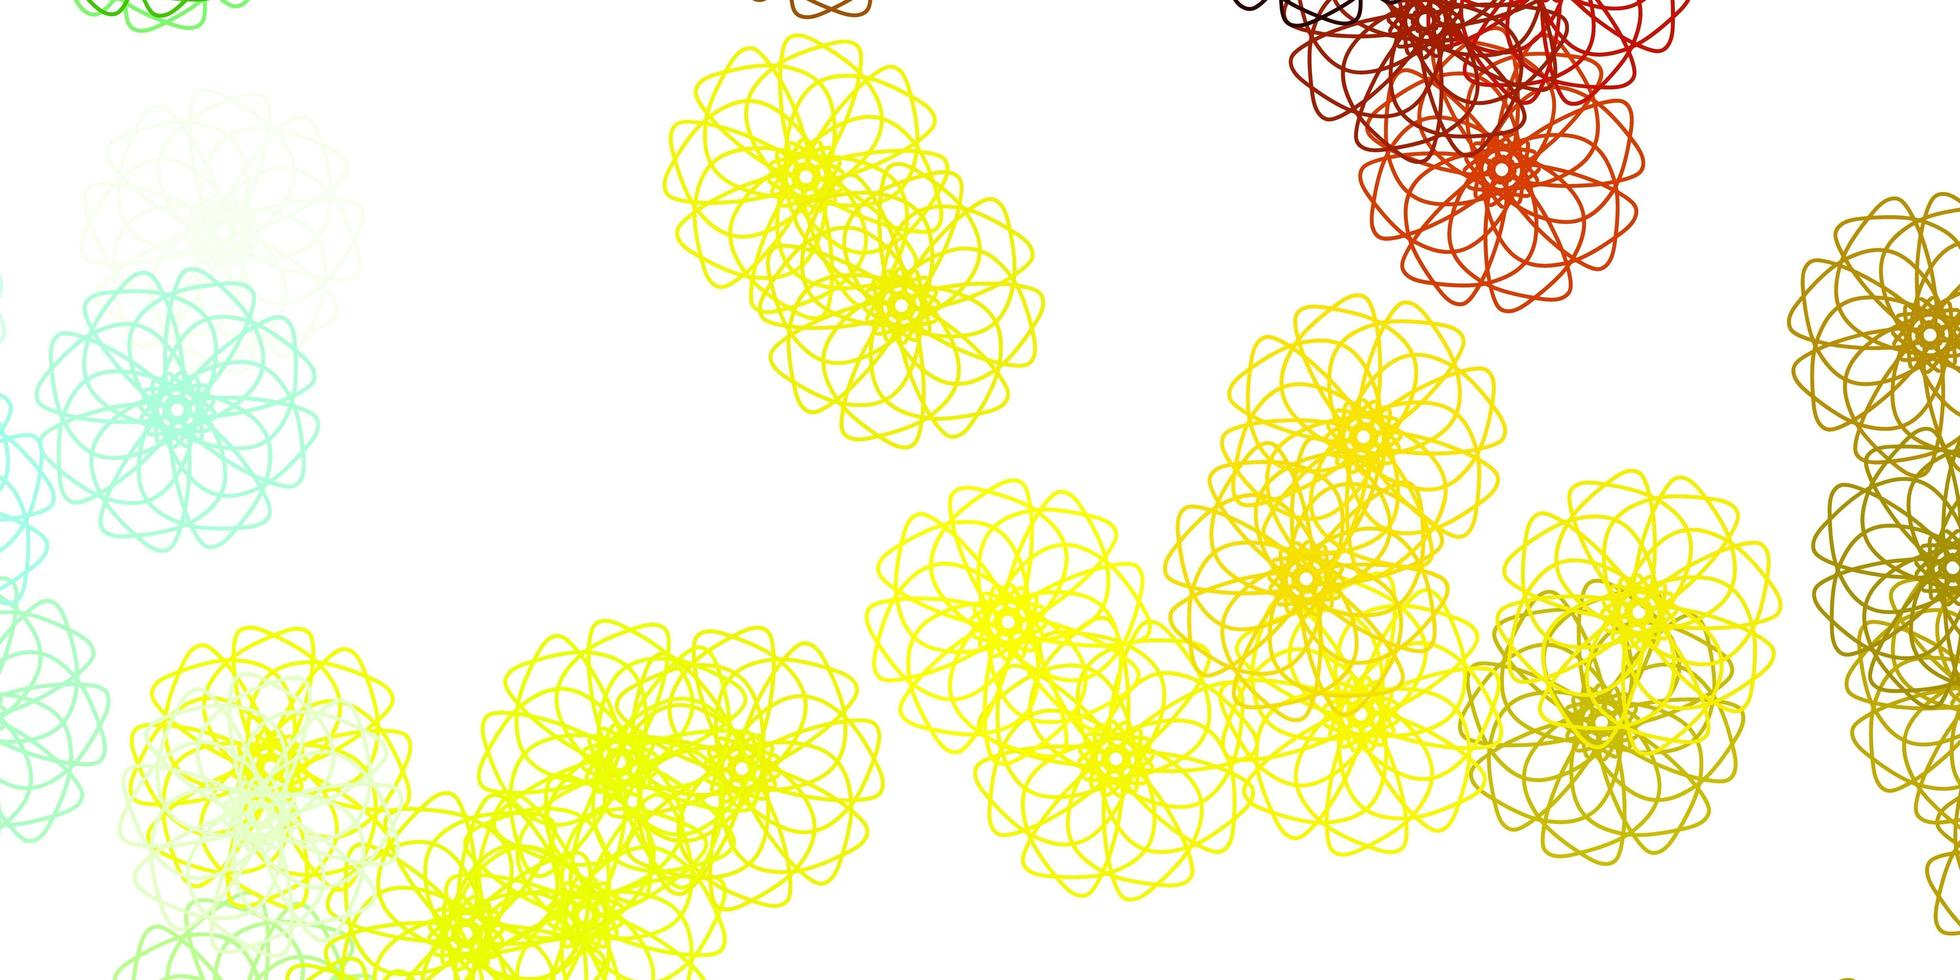 toile de fond naturel vecteur vert clair, jaune avec des fleurs.